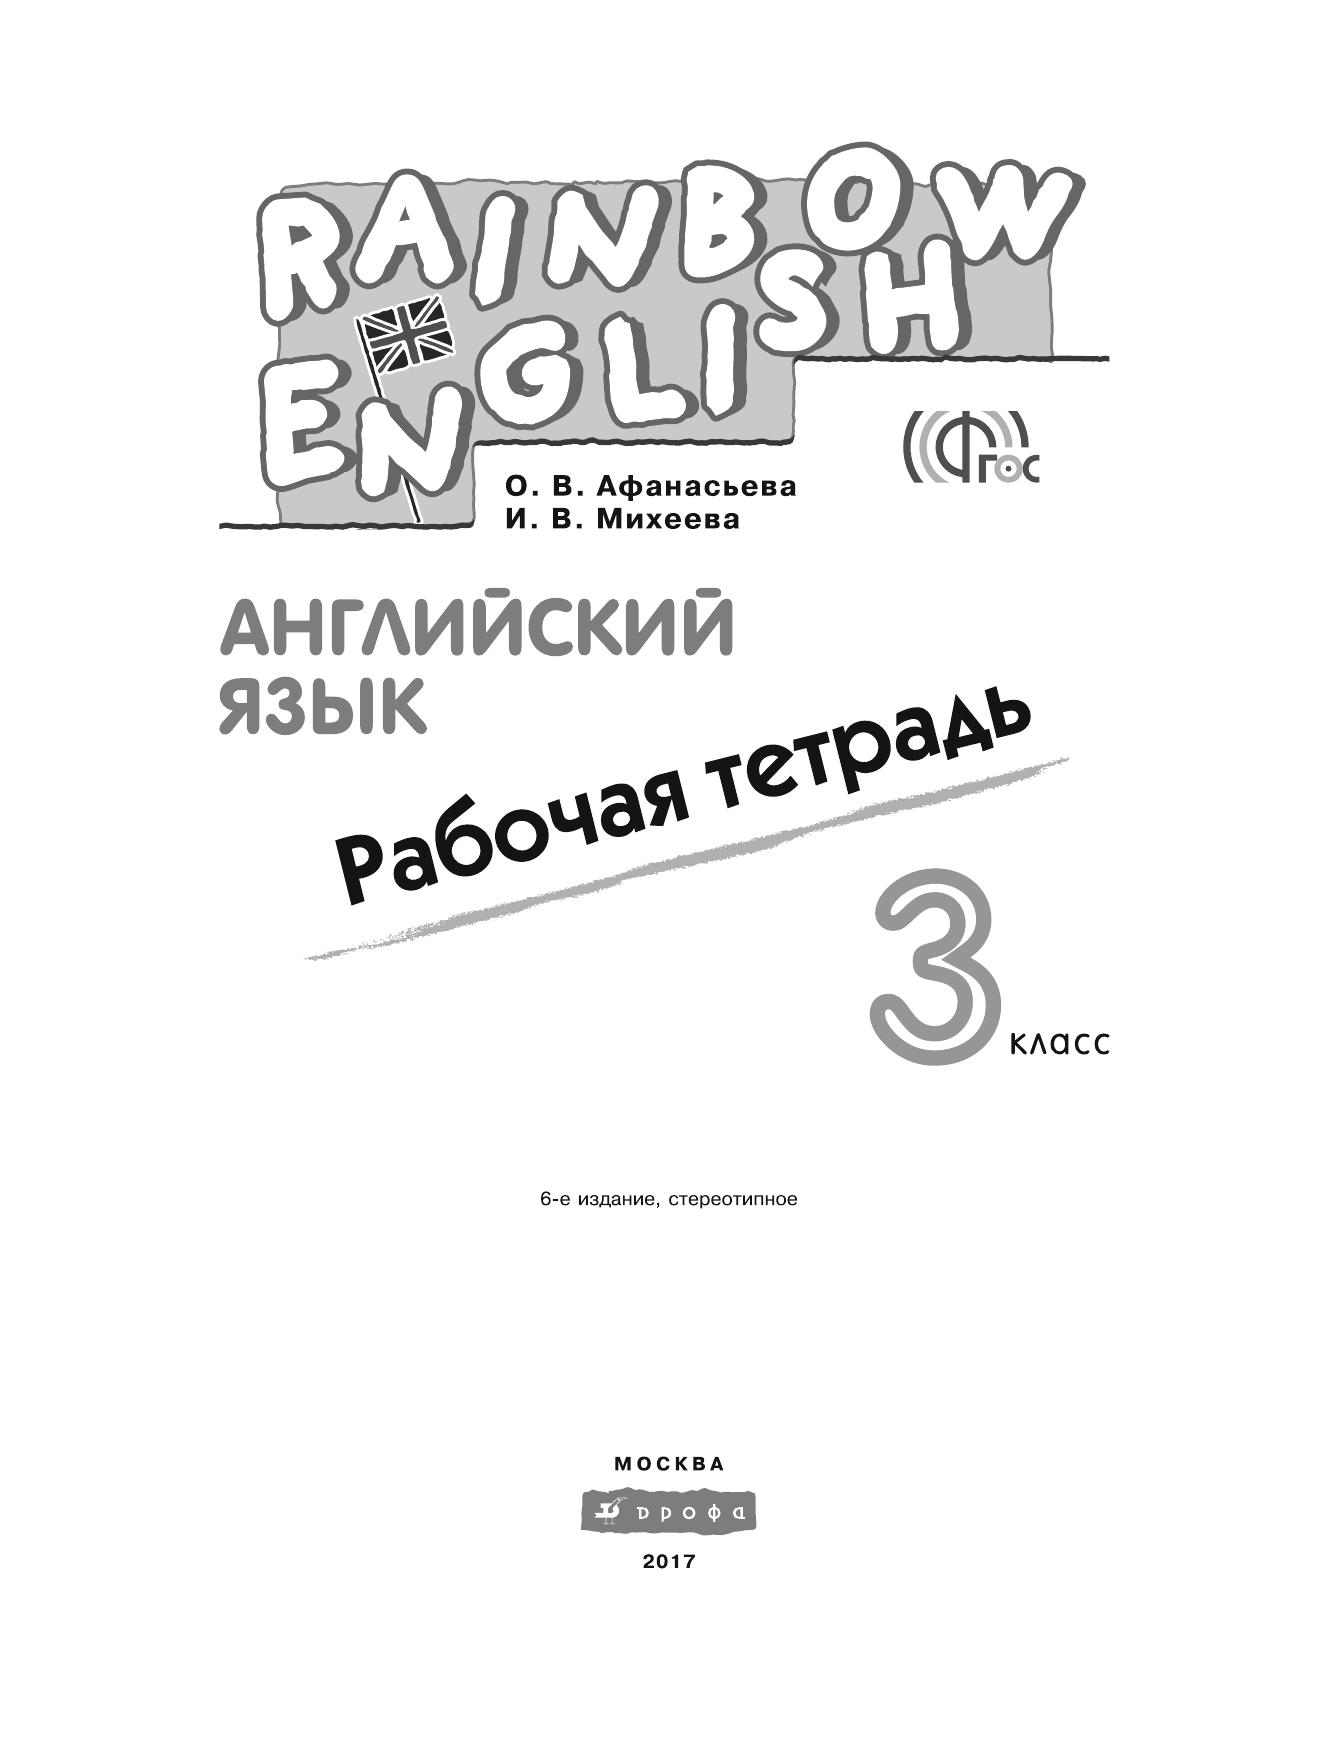 Гдз по английскому языку 3 класса афанасьева михеева рабочая тетрадь